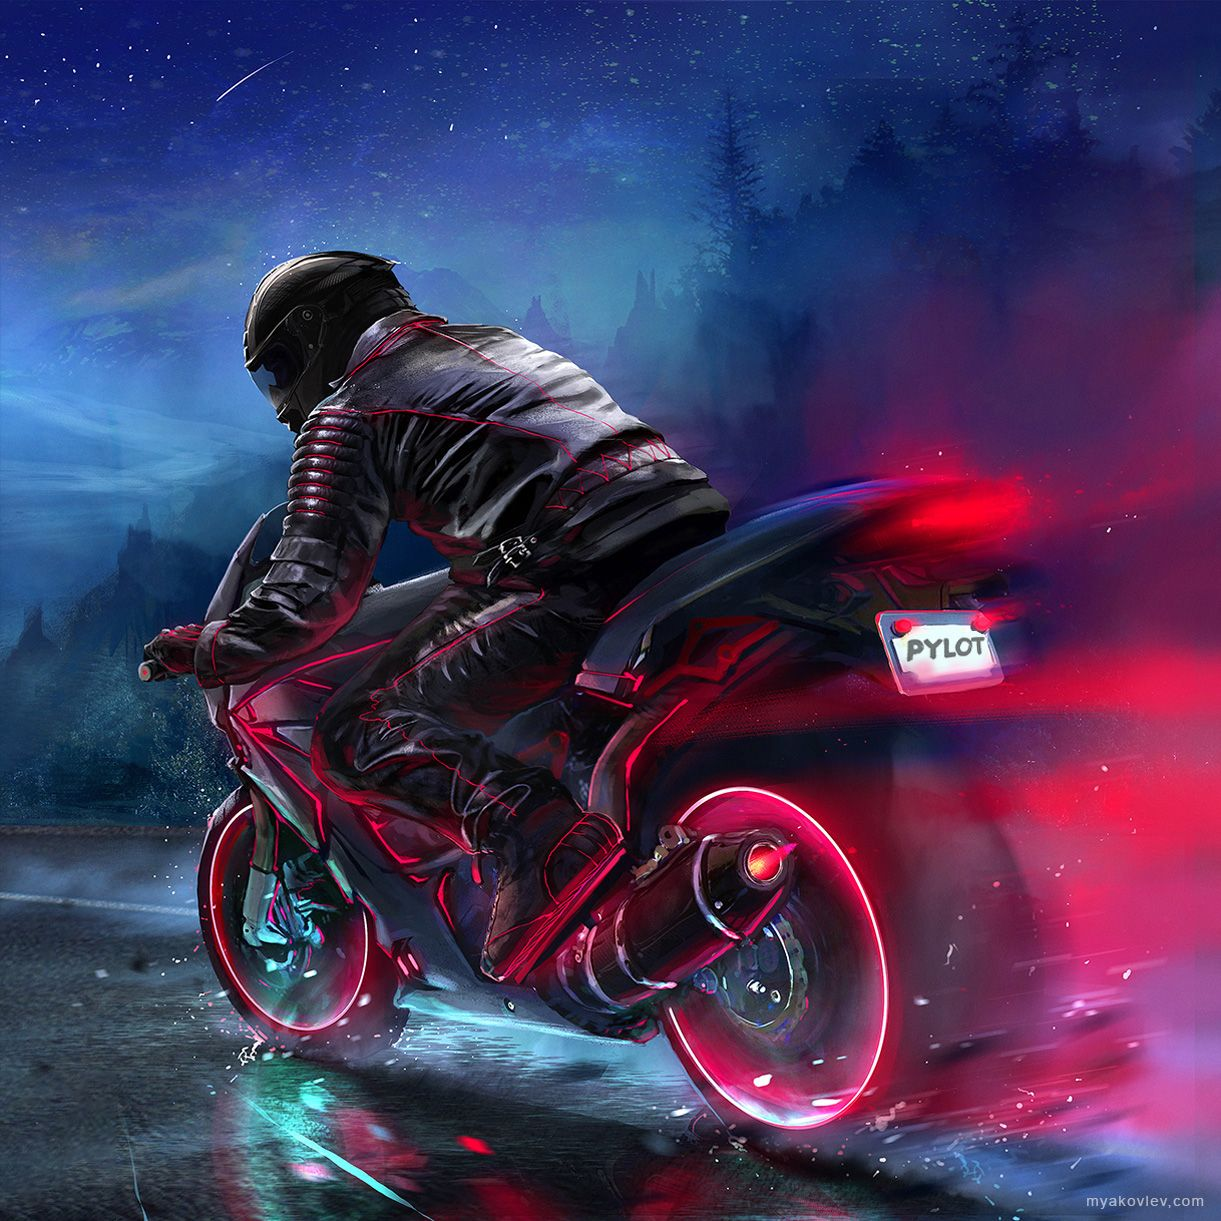 Artstation Mechanical Girl Rxx 496 Anime Motorcycle